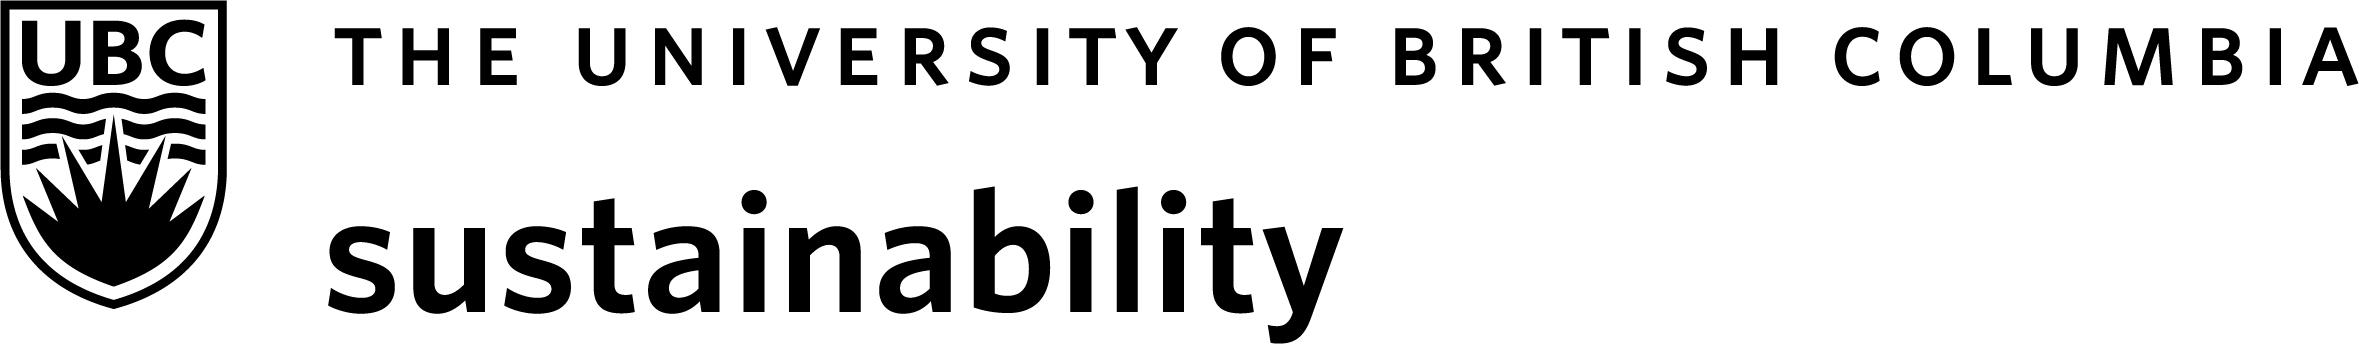 UBCSustainability Logo